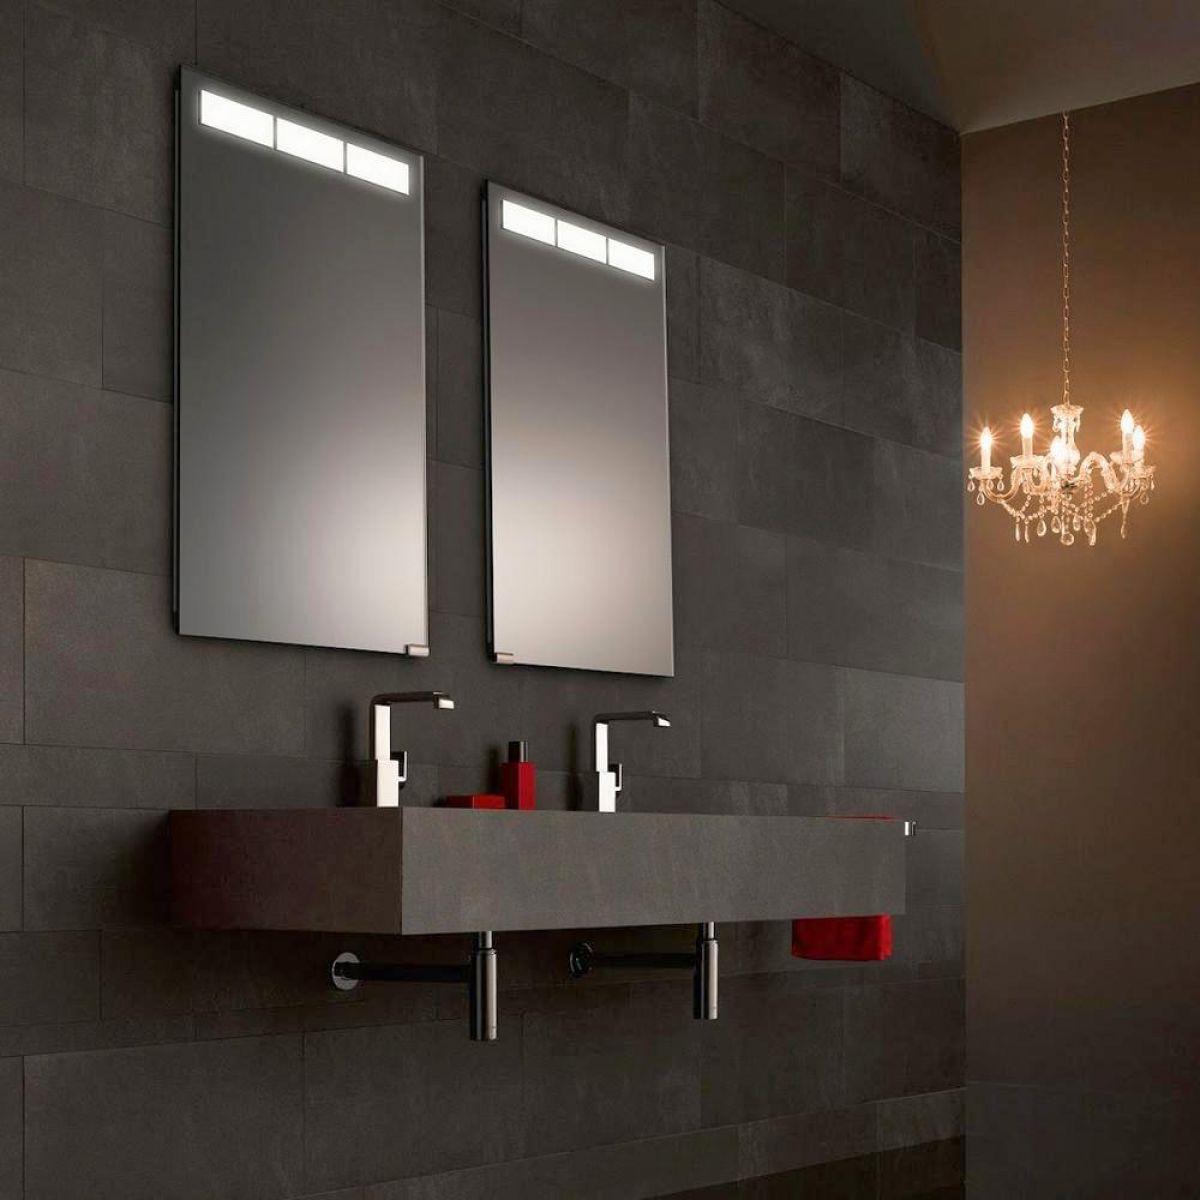 keuco royal t1 integral mirror cabinet uk bathrooms. Black Bedroom Furniture Sets. Home Design Ideas